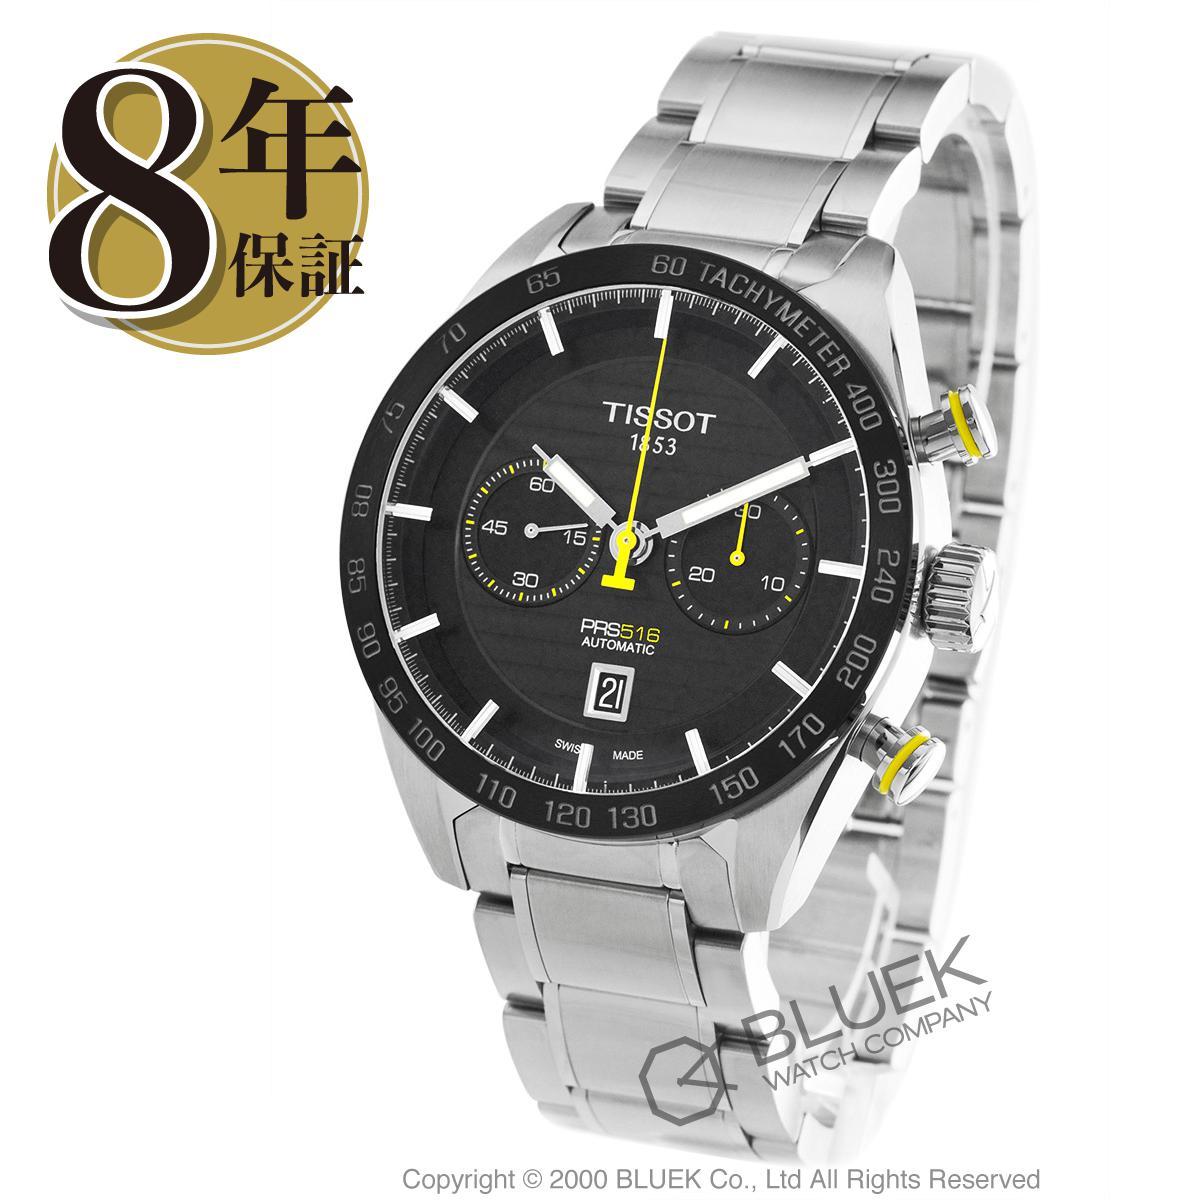 ティソ T-スポーツ PRS516 クロノグラフ 腕時計 メンズ TISSOT T100.427.11.051.00_8